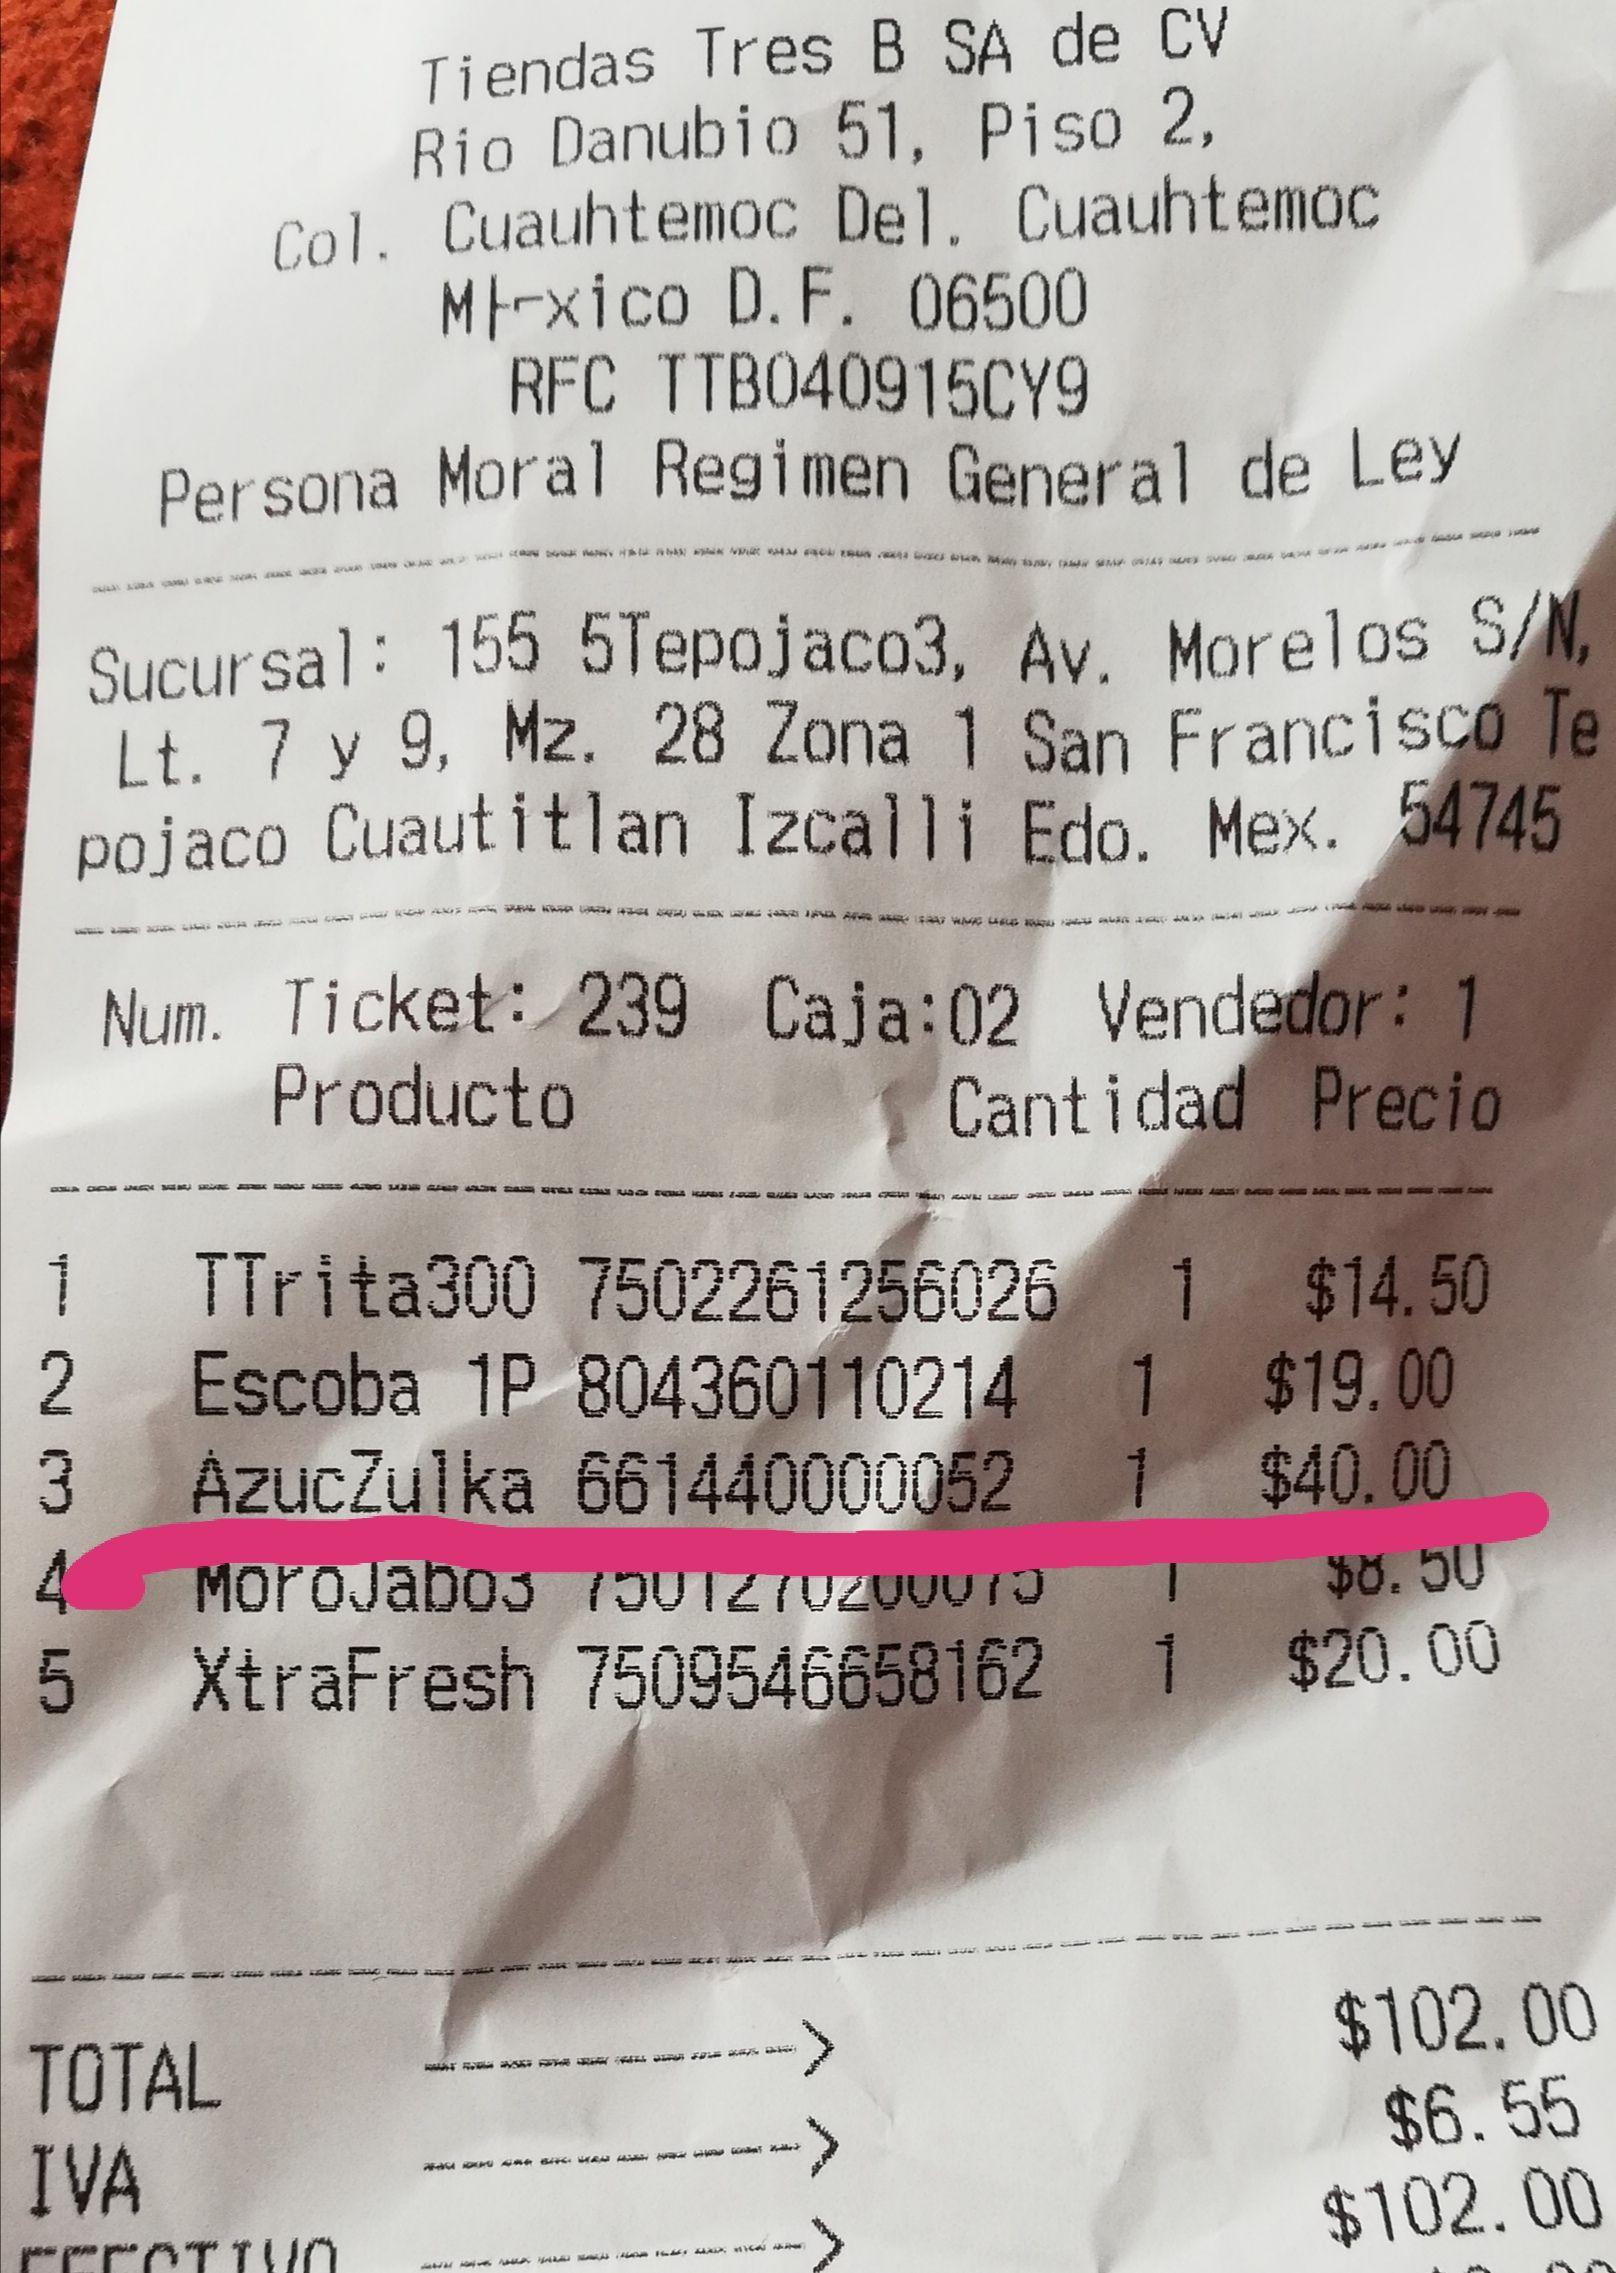 Tiendas Tres B: zulka 2kg $40